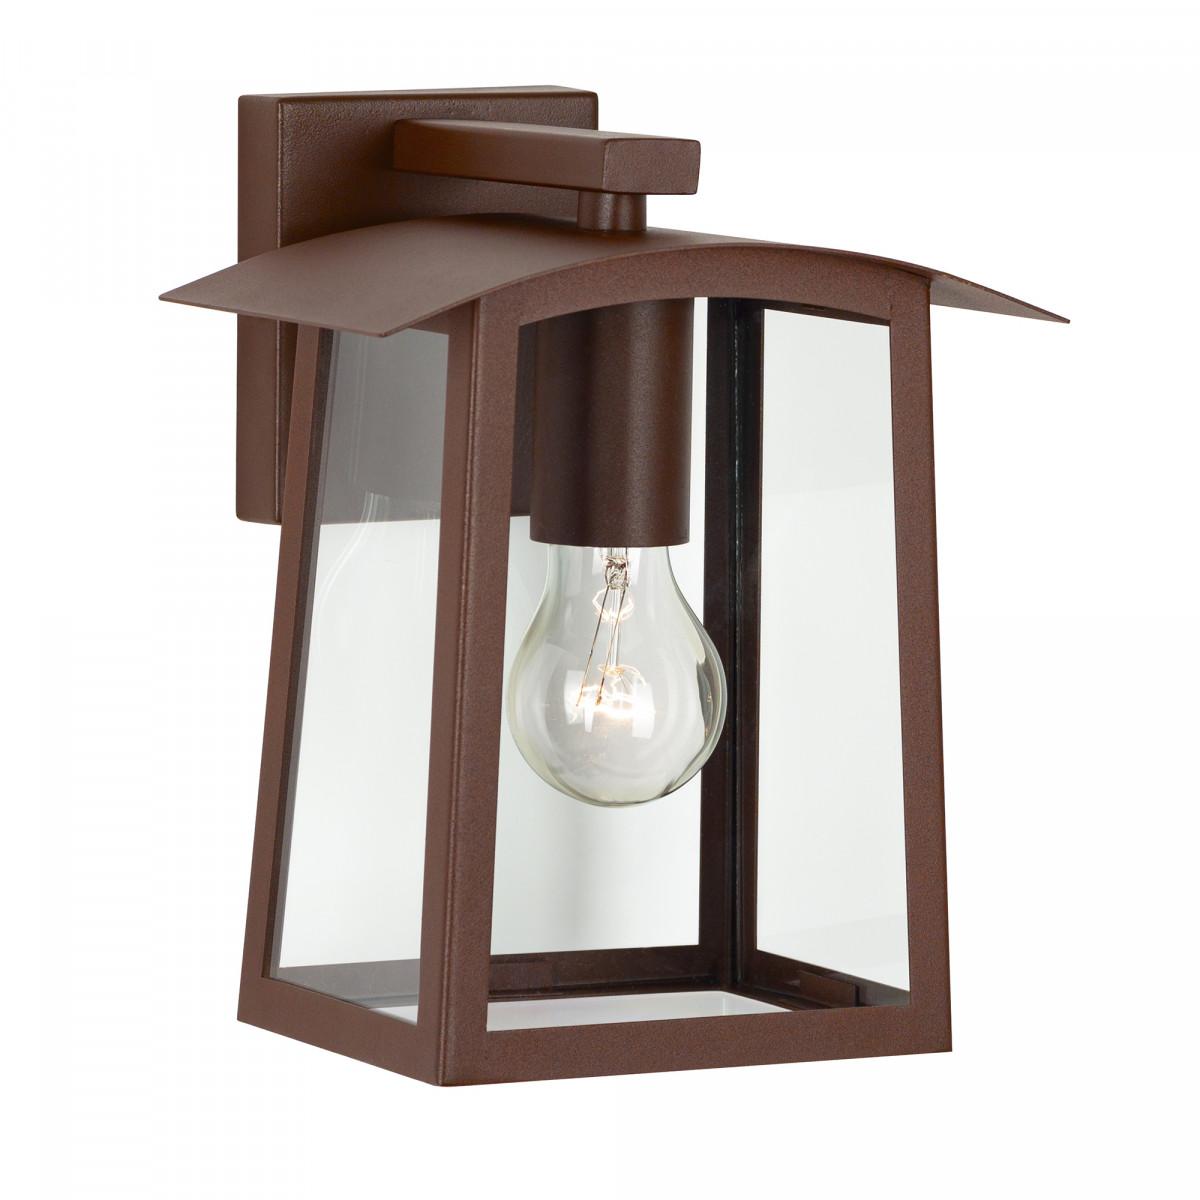 Moderne buitenlamp in mooie cortenstaal kleur voor aan de gevel, vierkante achterplaat, kap met grote heldere glazen, lichtbron zichtbaar in het armatuur